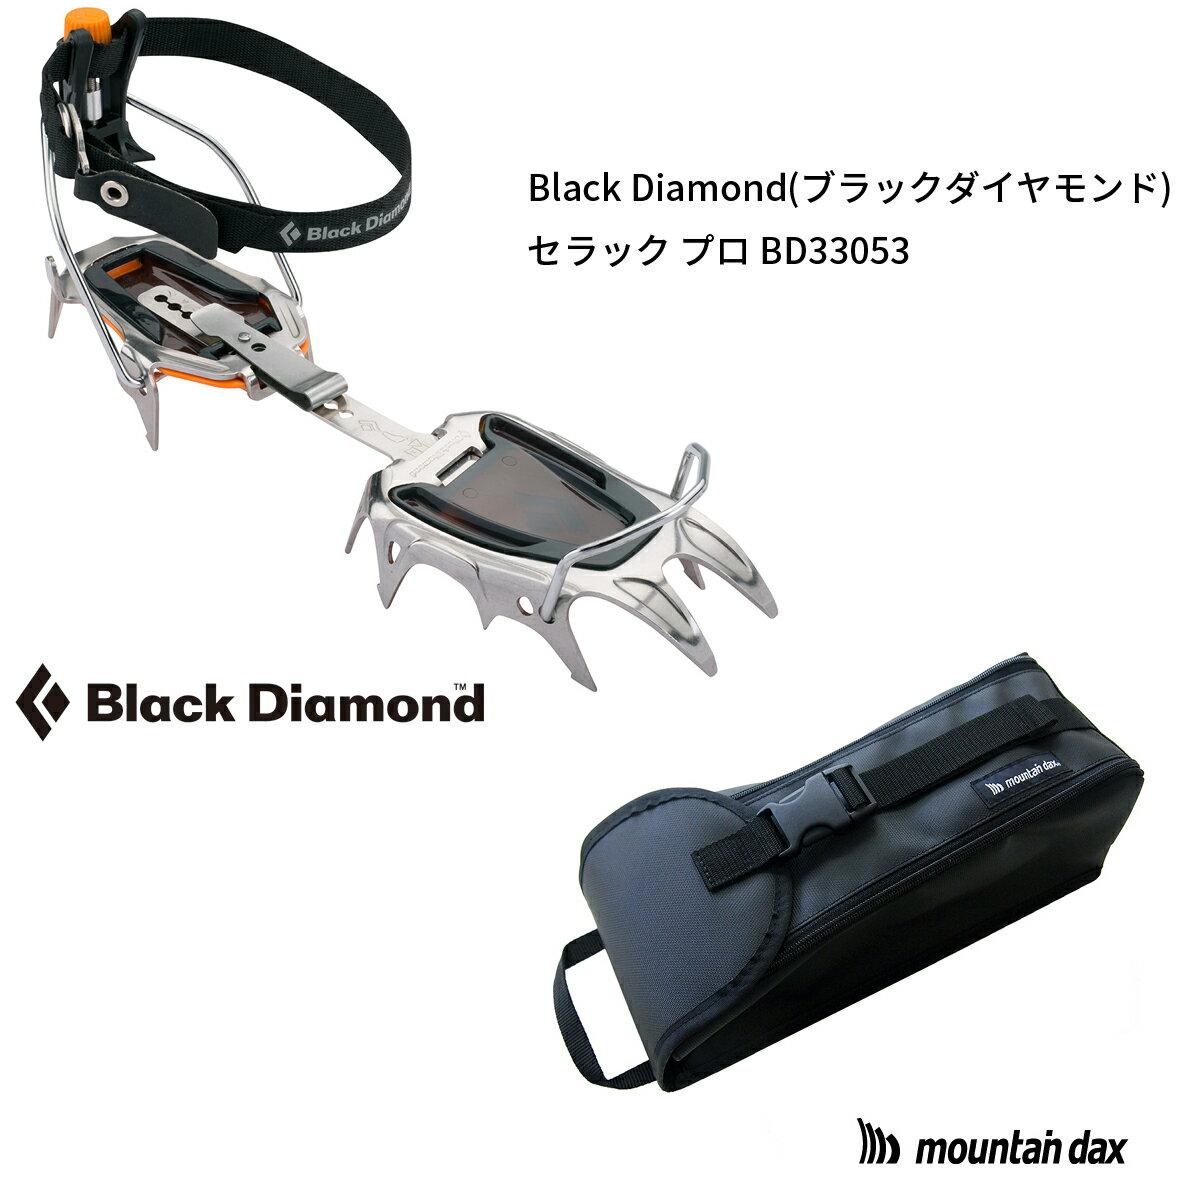 Black Diamond(ブラックダイヤモンド)セラック プロ BD33053【mt.daxアイゼンケース付】